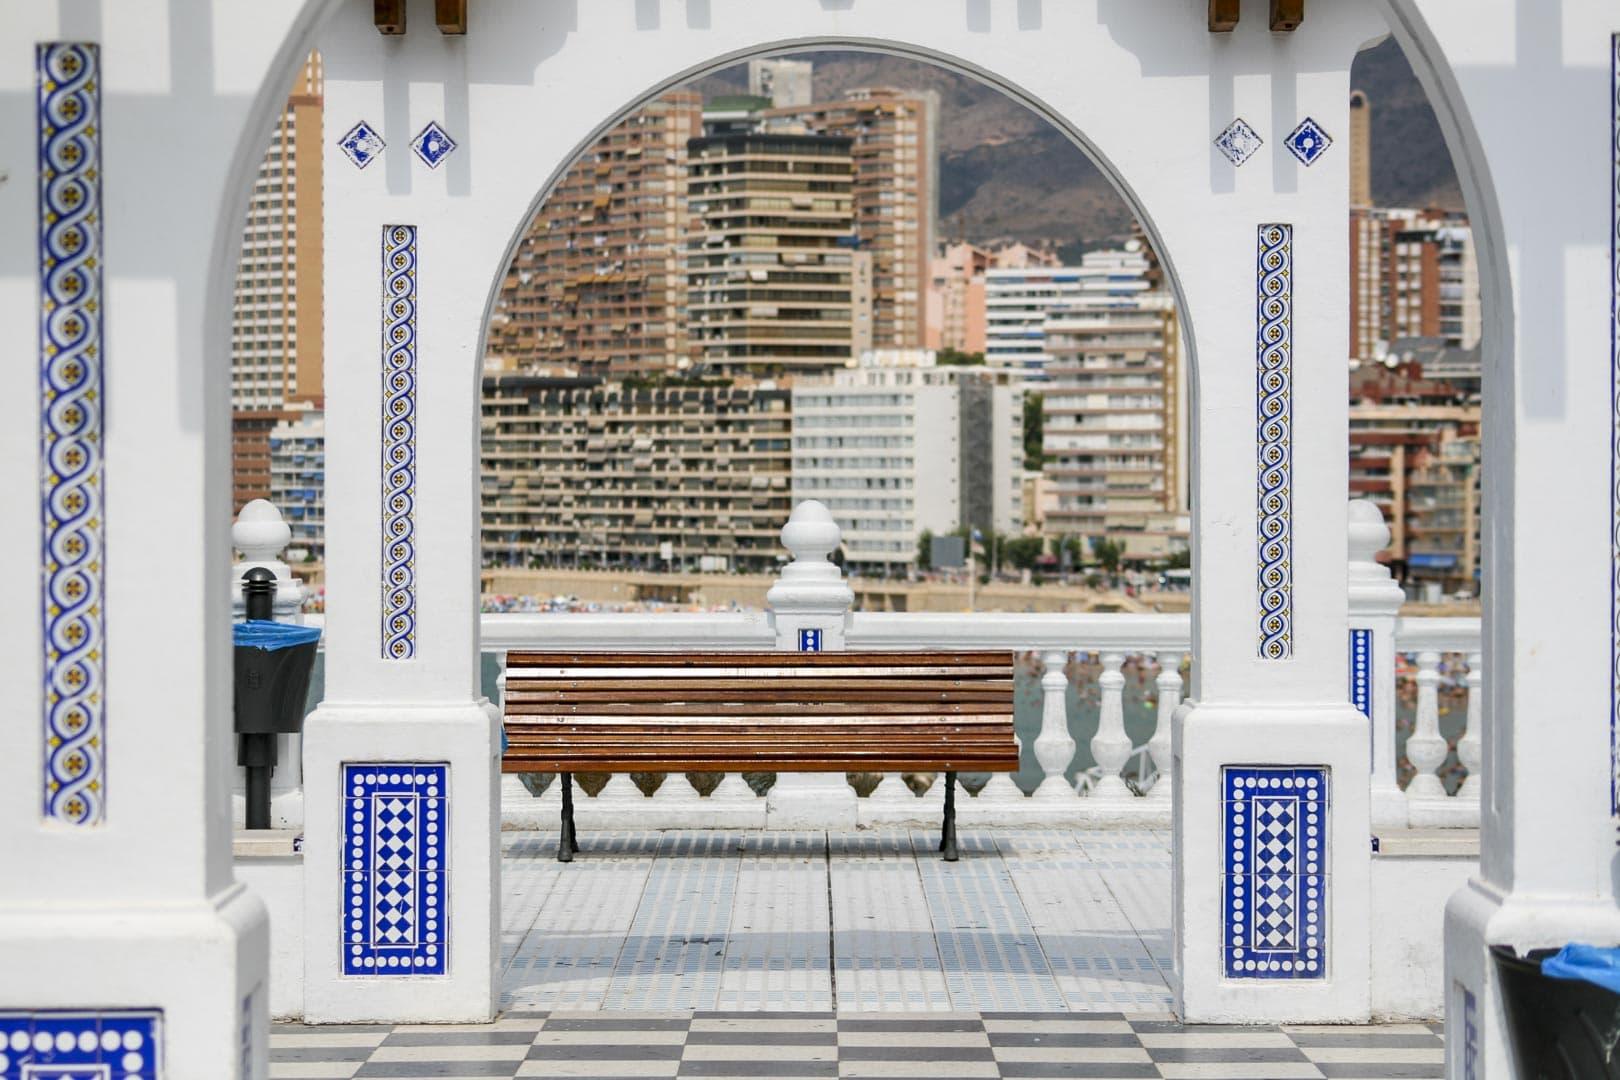 Benidorm (Alicante) – Spain, Balcón del Mediterráneo Arches